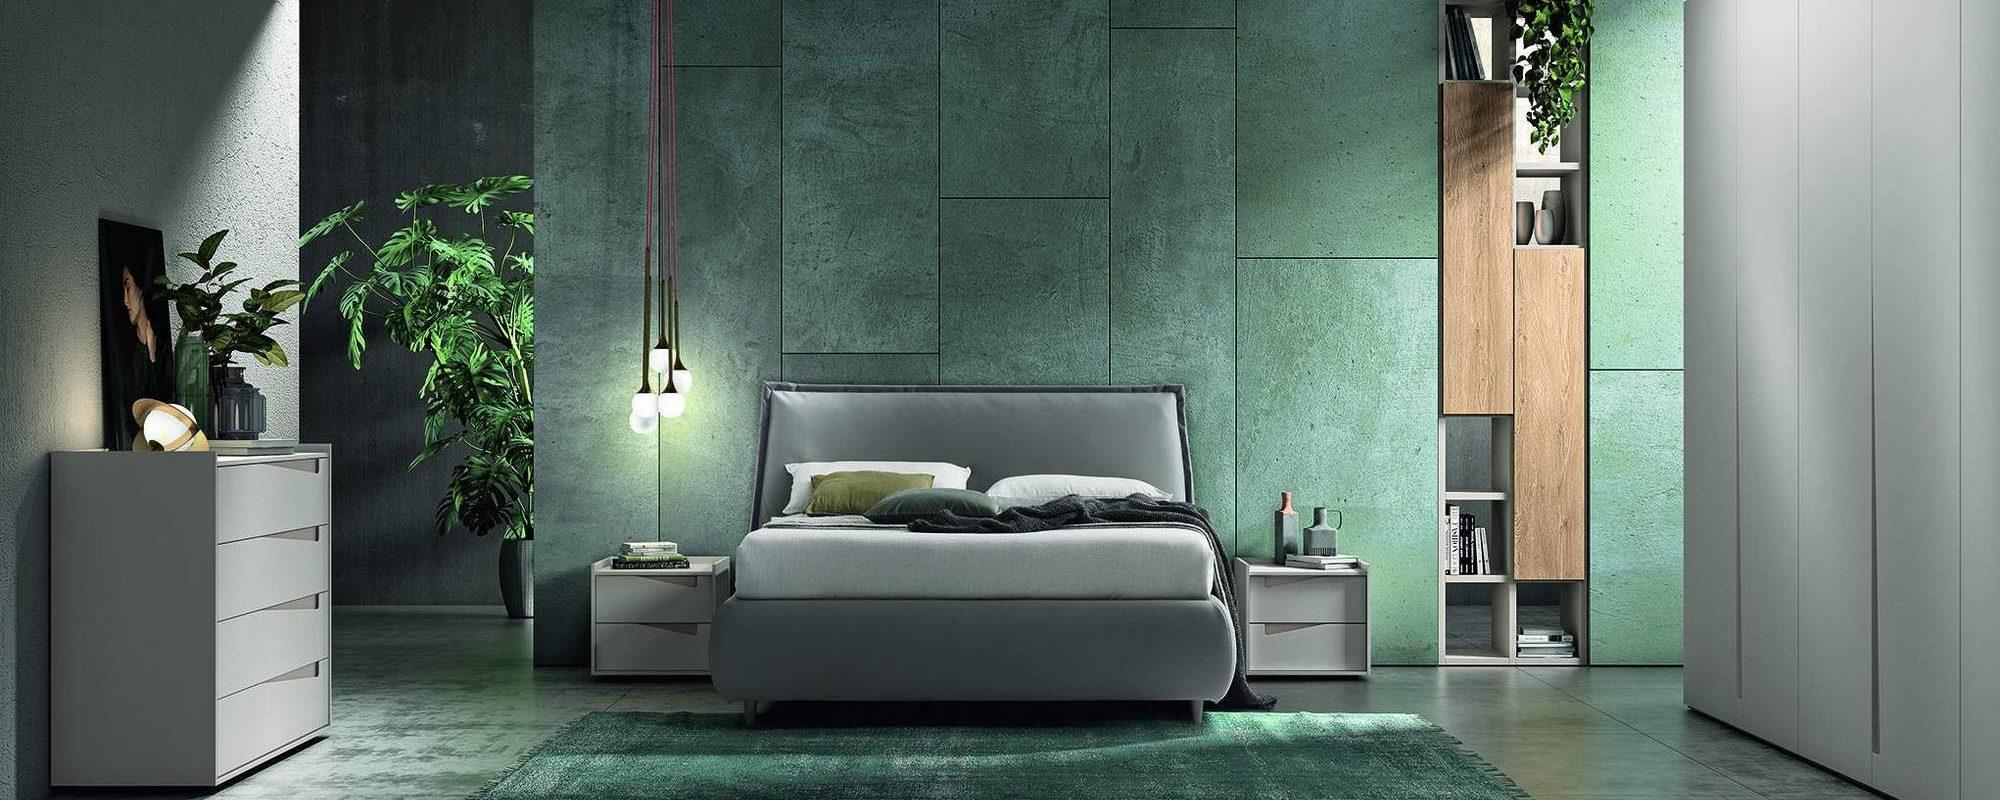 Una zona notte da sogno 3 0 con vitality di colombini for Arredamenti interni da sogno